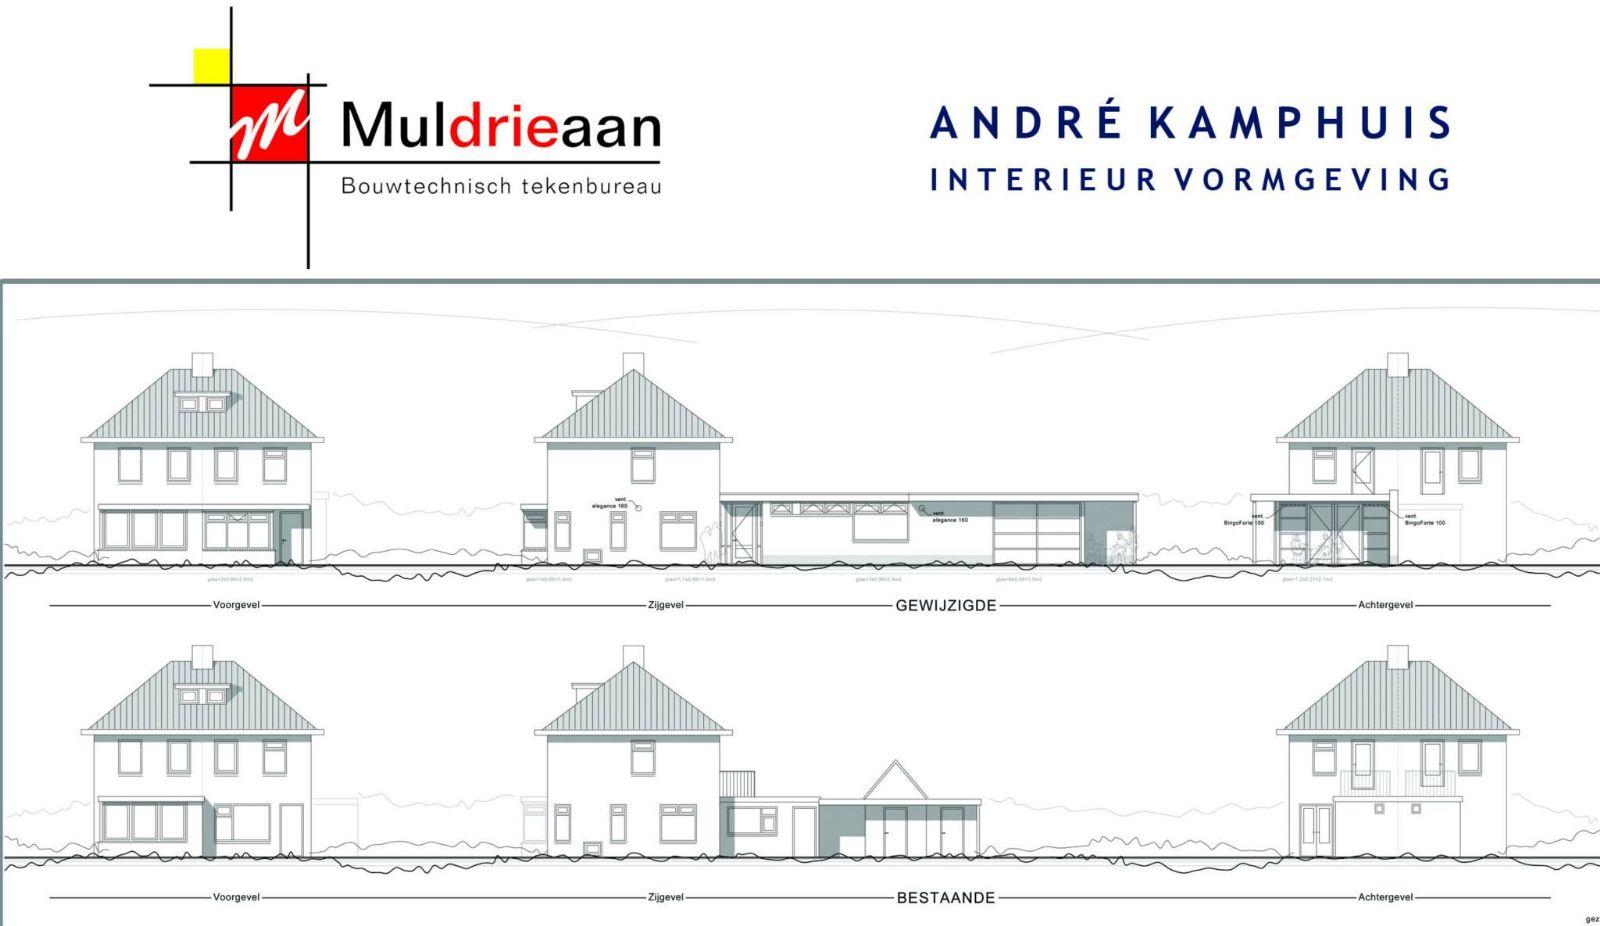 Samenwerking met muldrieaan andre kamphuis interieur vormgeving - Renovateer een huis van de jaren ...